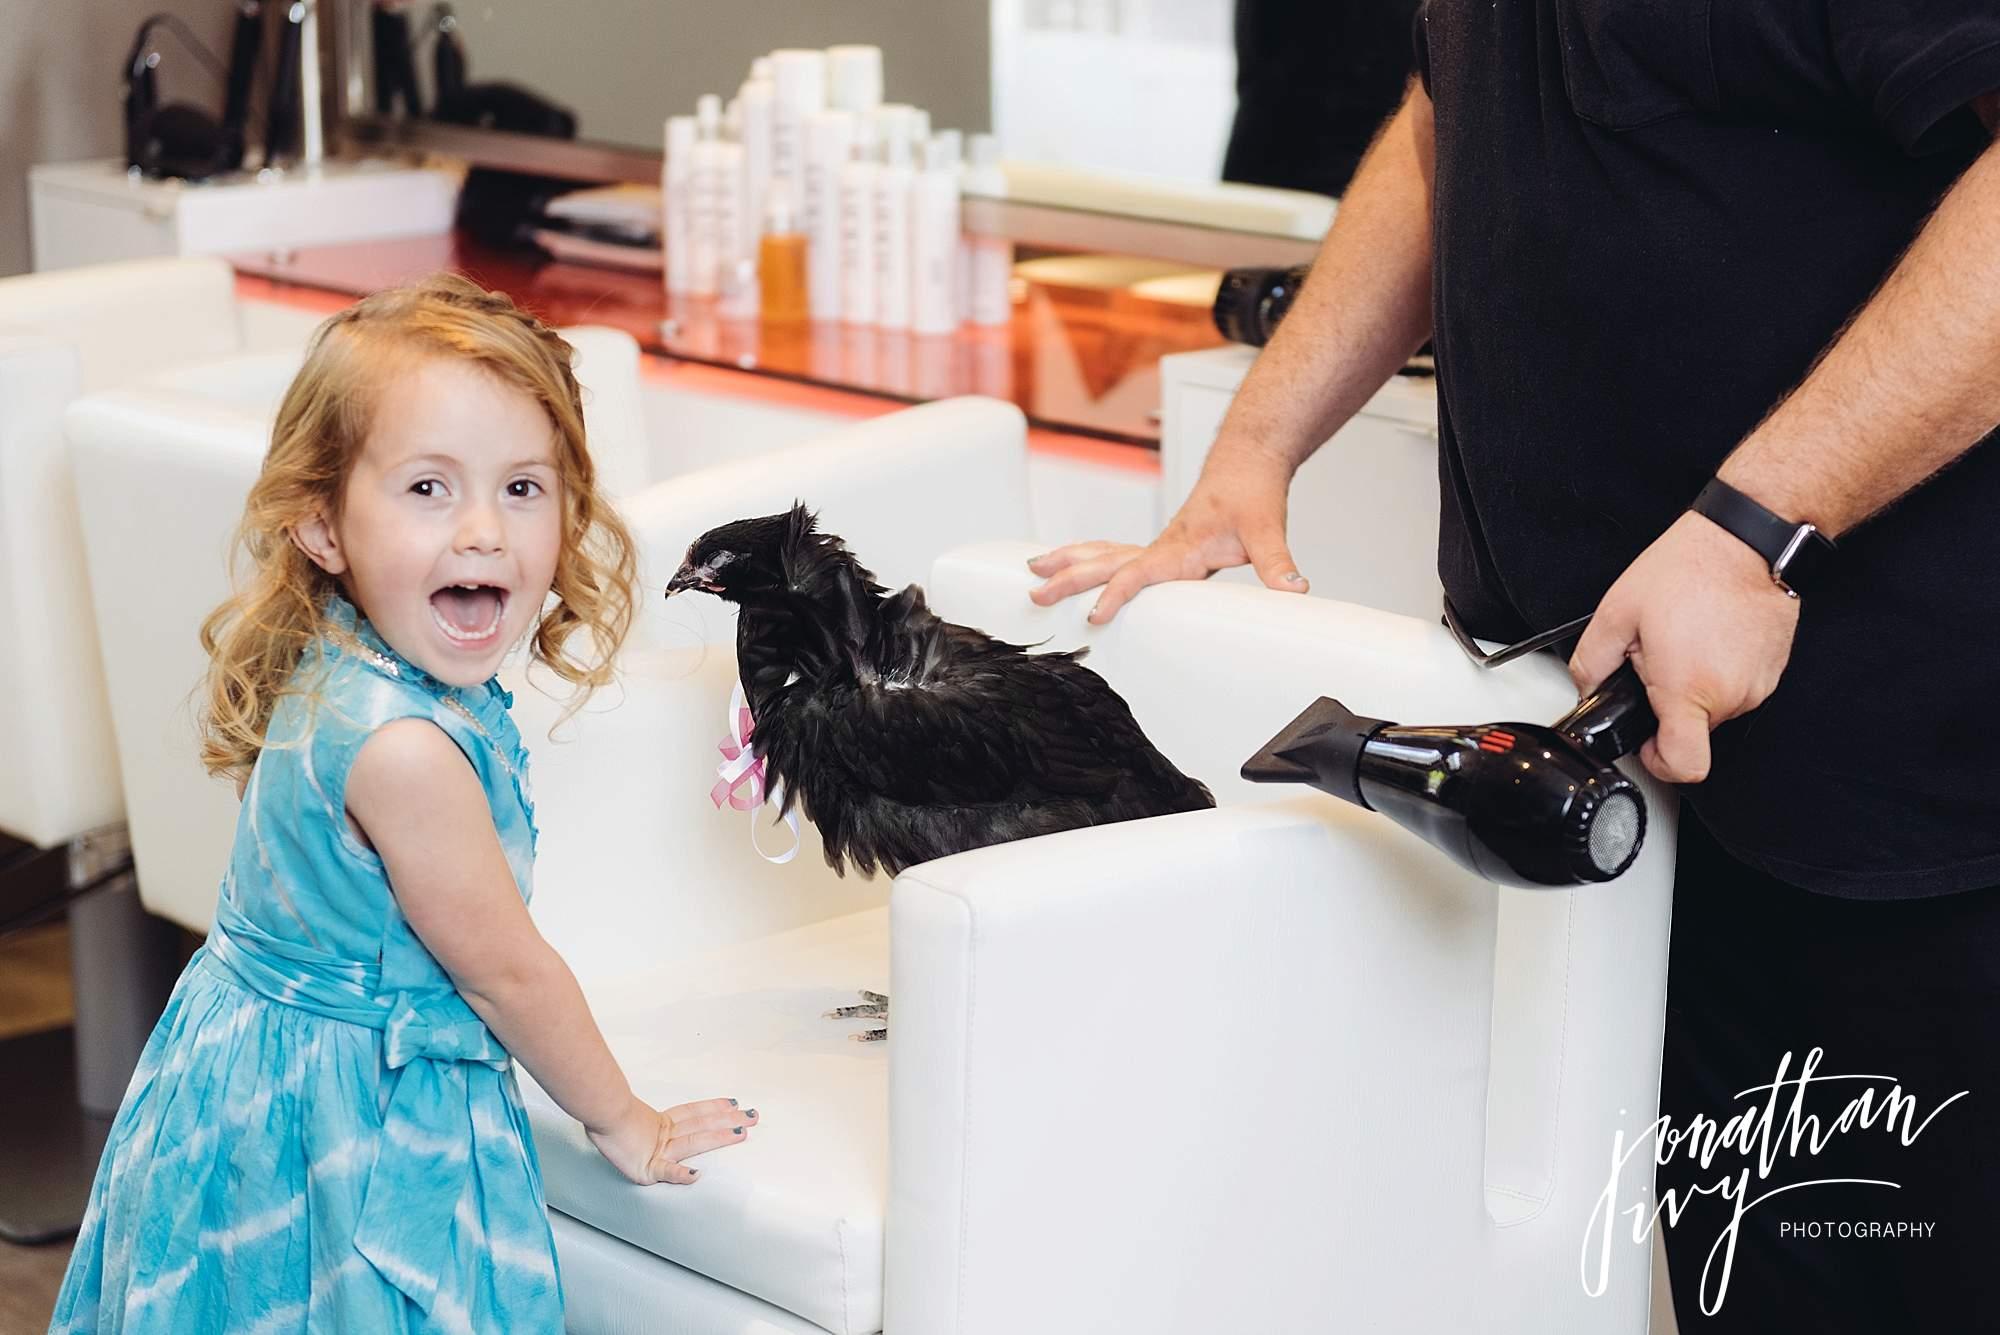 Chicken-goes-to-salon